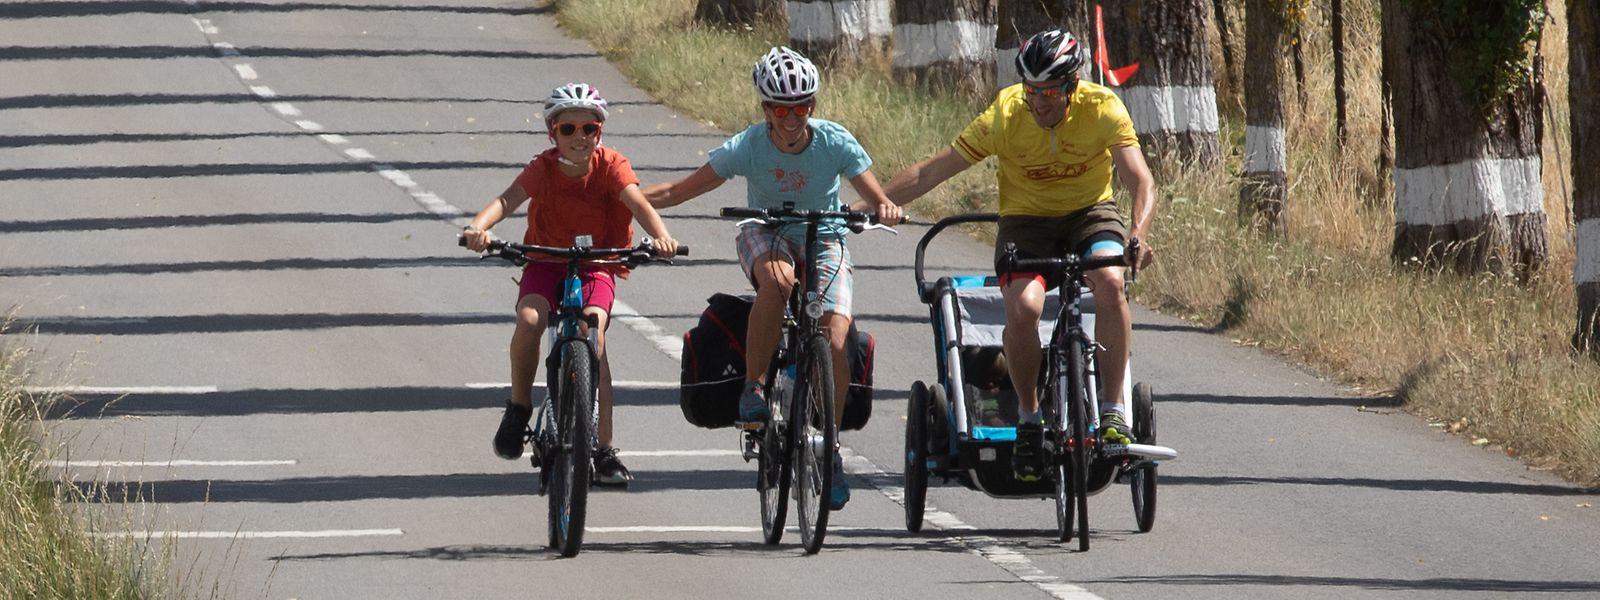 Le tronçon entre Alzingen et Syren a accueilli plus de 5.820 cyclistes durant l'été dernier.